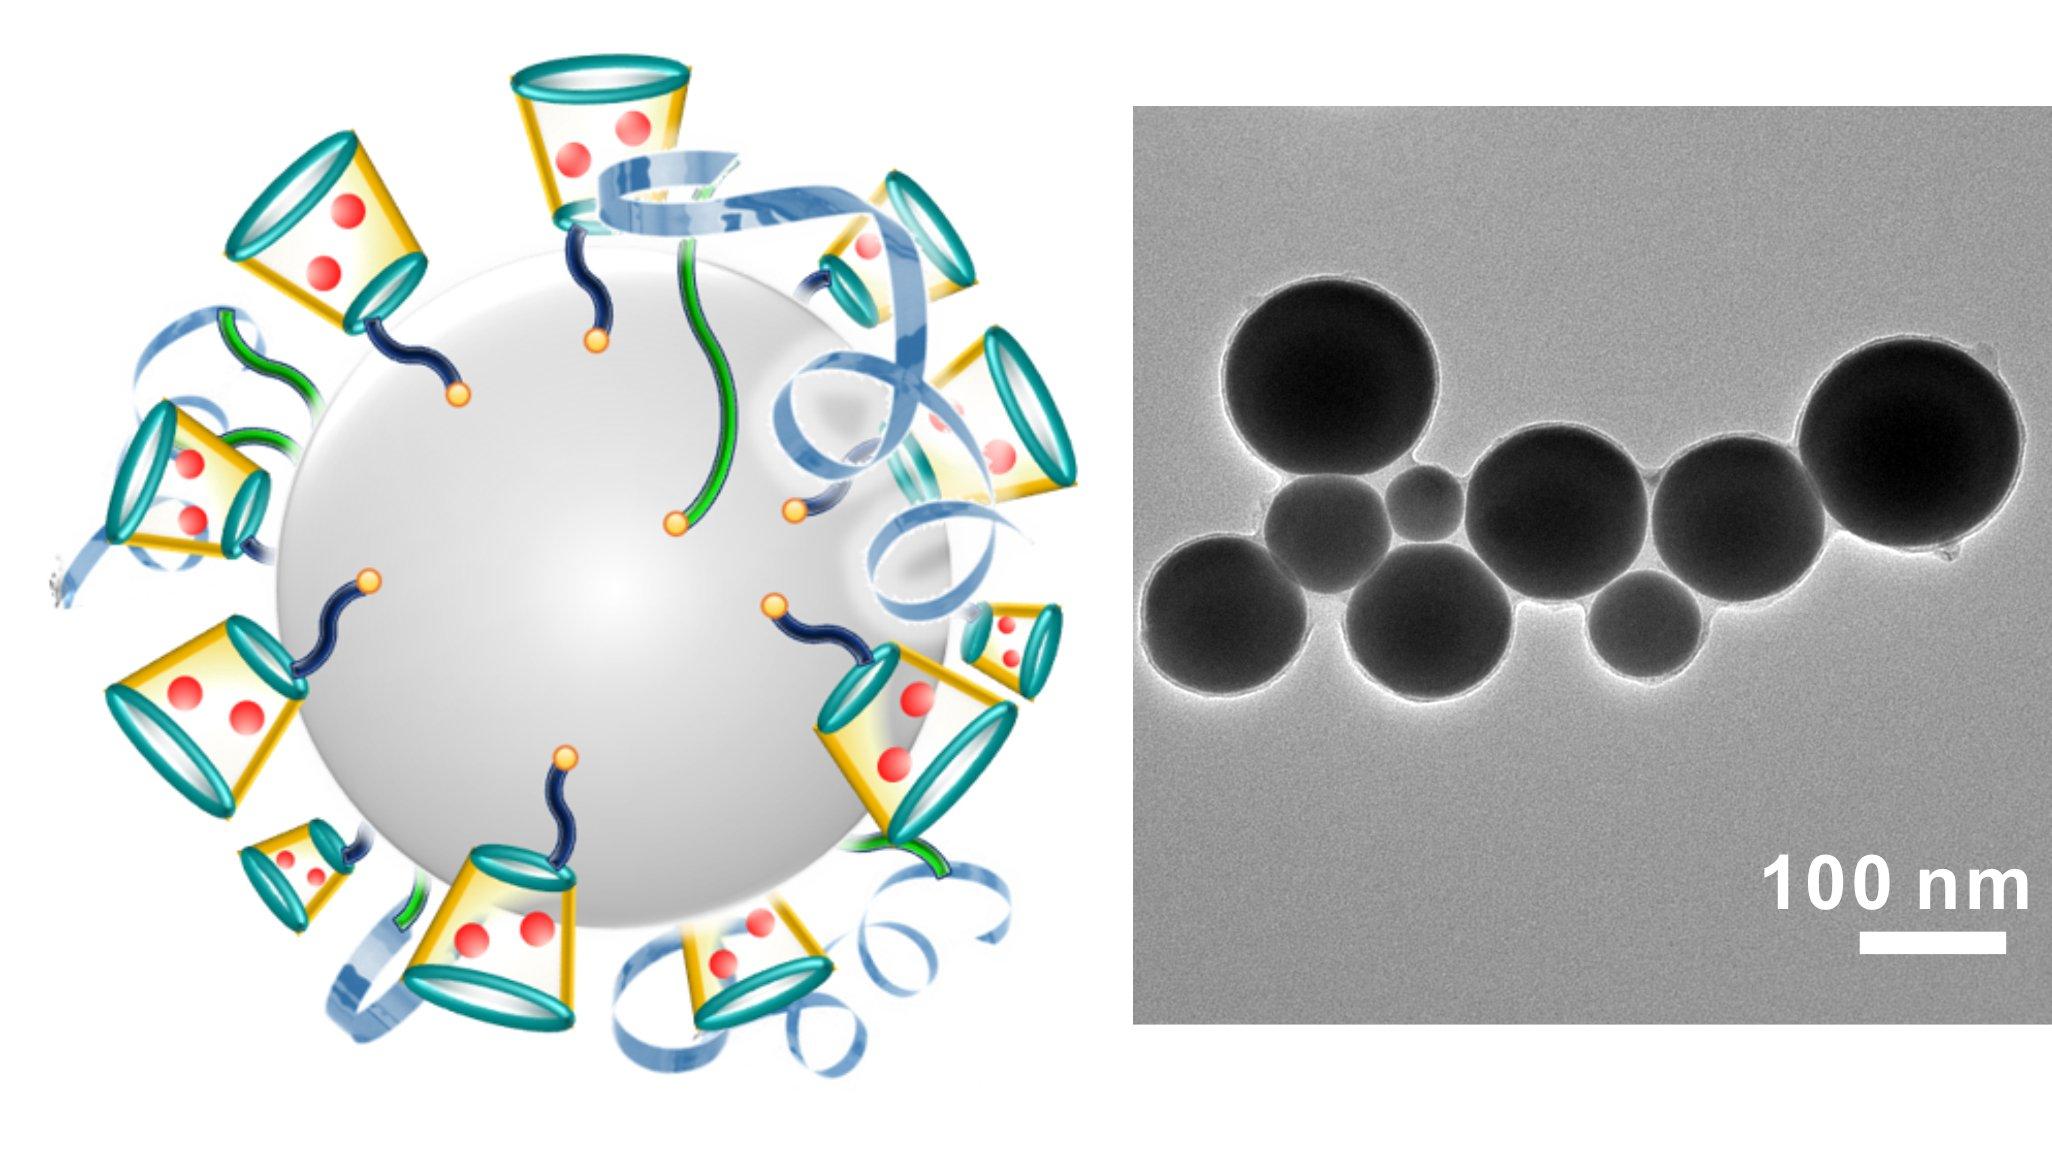 Links ist eine schematische Darstellung der krebsbekämpfenden Nanopartikel zu sehen. Das Chemotherapeutikum Doxorubicinist in Rot abgebildet. Die rechte Aufnahme zeigt die Nanopartikel durch ein Elektronenmikroskop fotografiert.